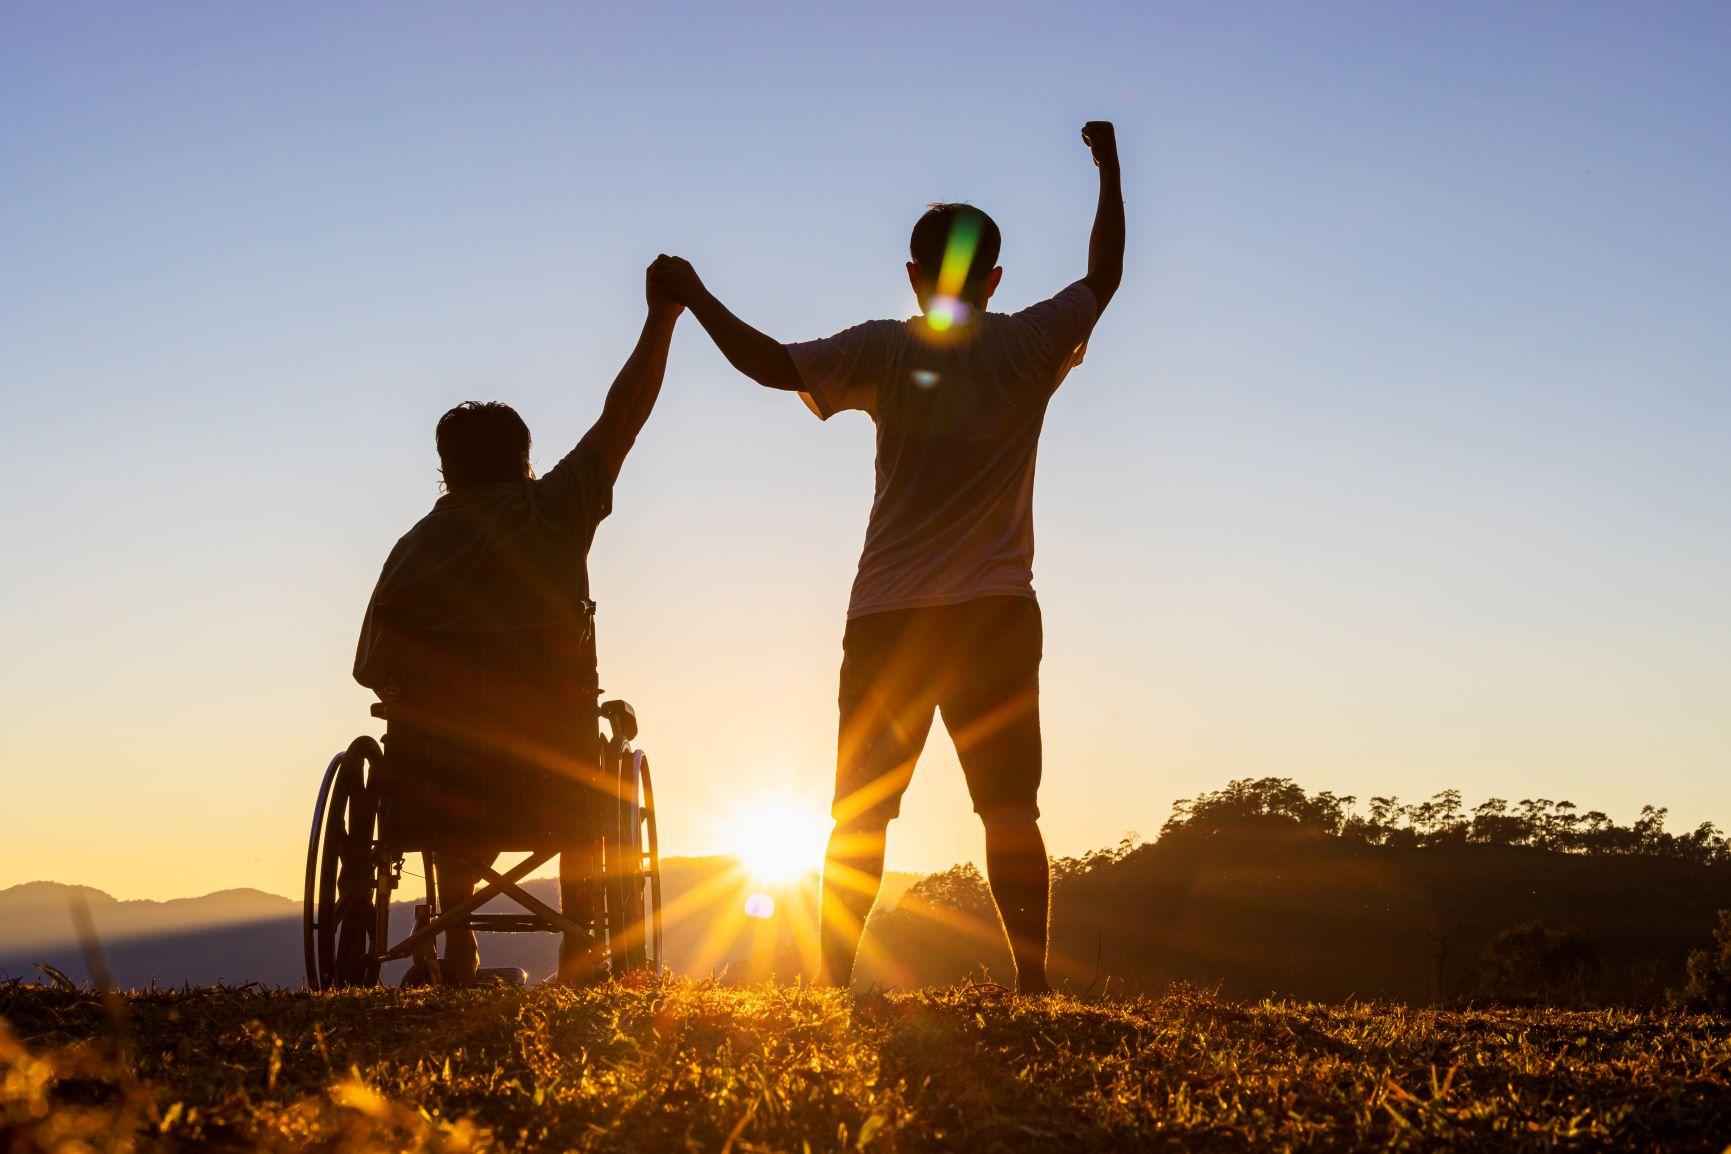 človek na invalidnom vozíku východ slnka